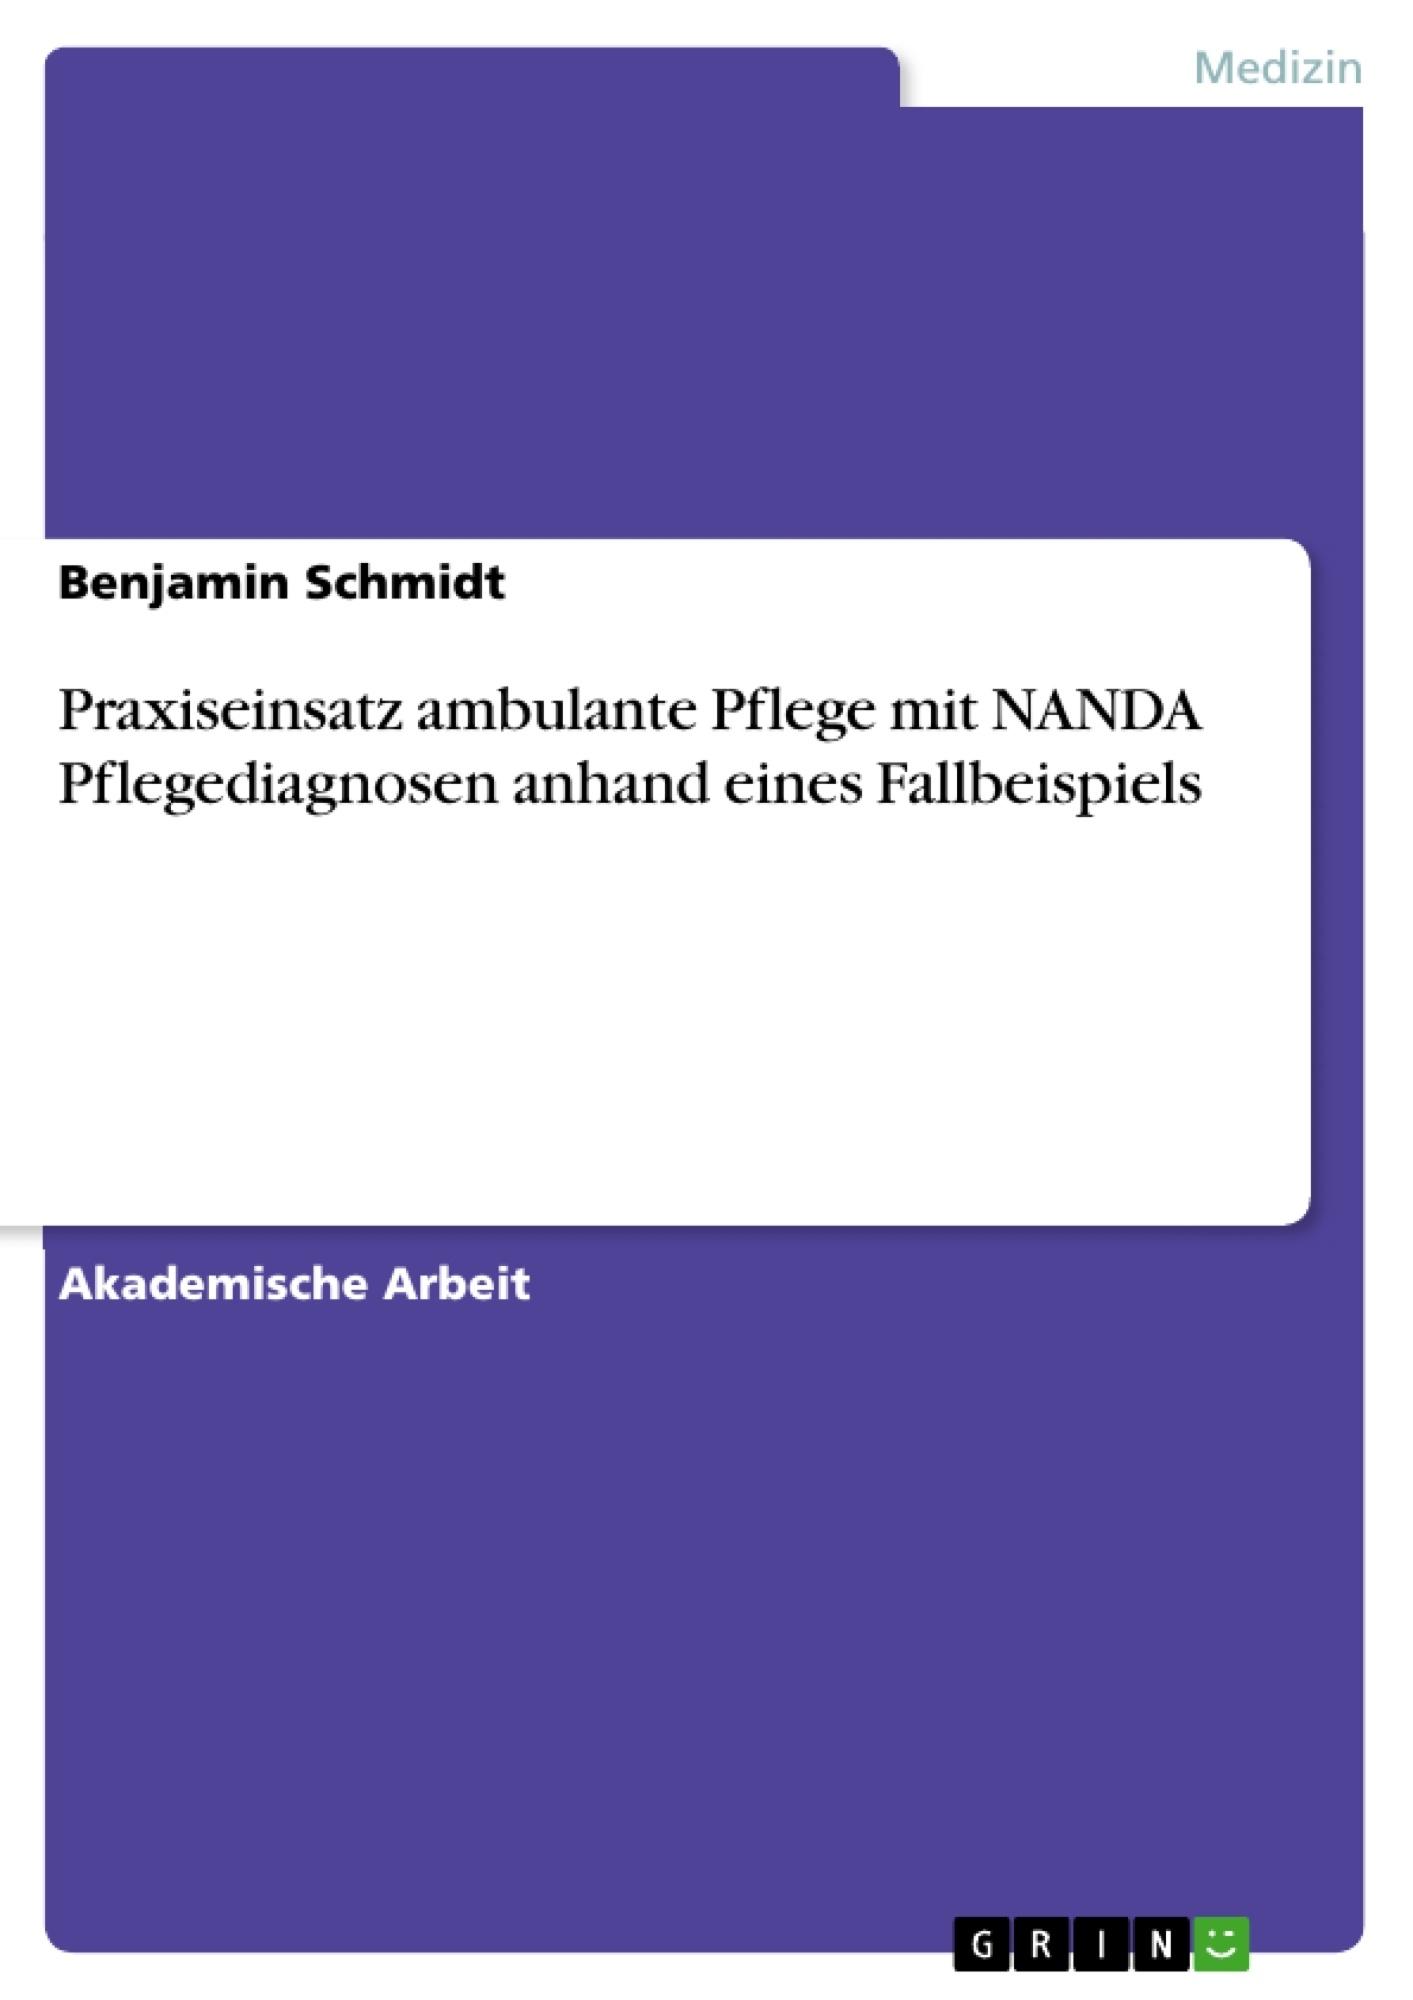 Titel: Praxiseinsatz ambulante Pflege mit NANDA Pflegediagnosen anhand eines Fallbeispiels